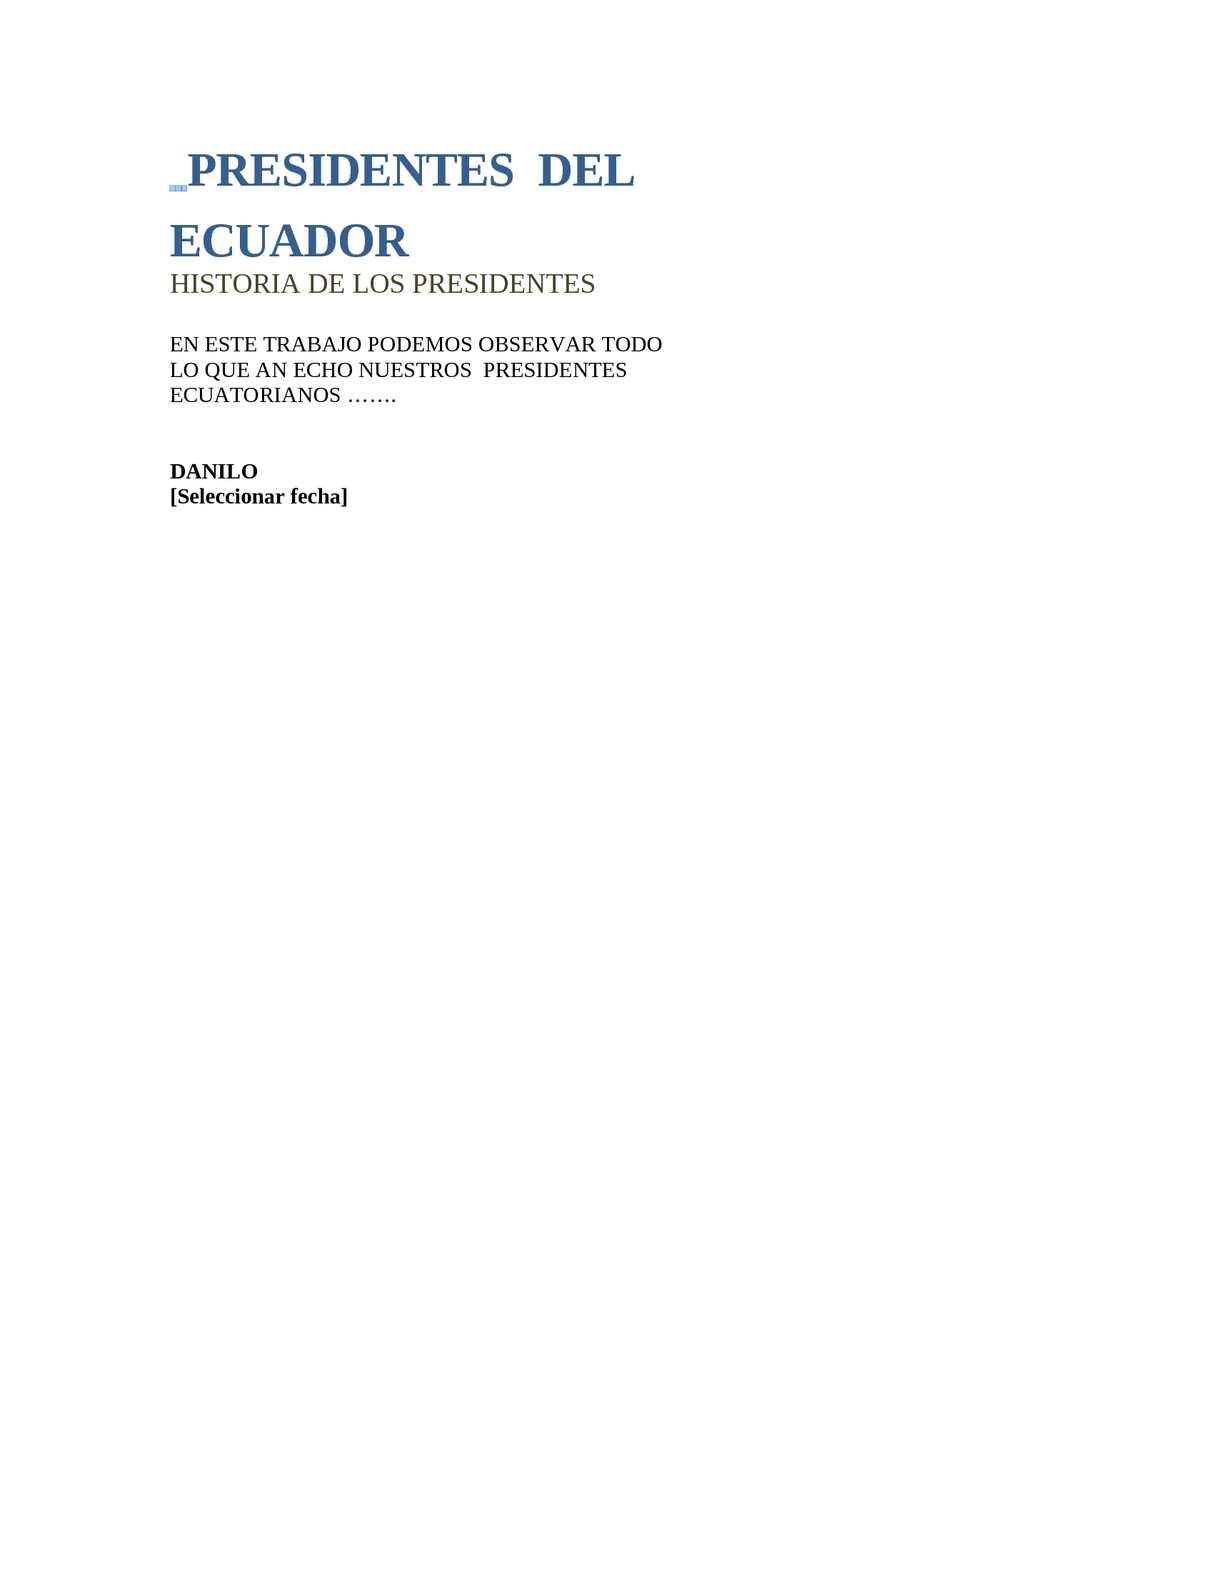 Calaméo - los precidentes del ecuador